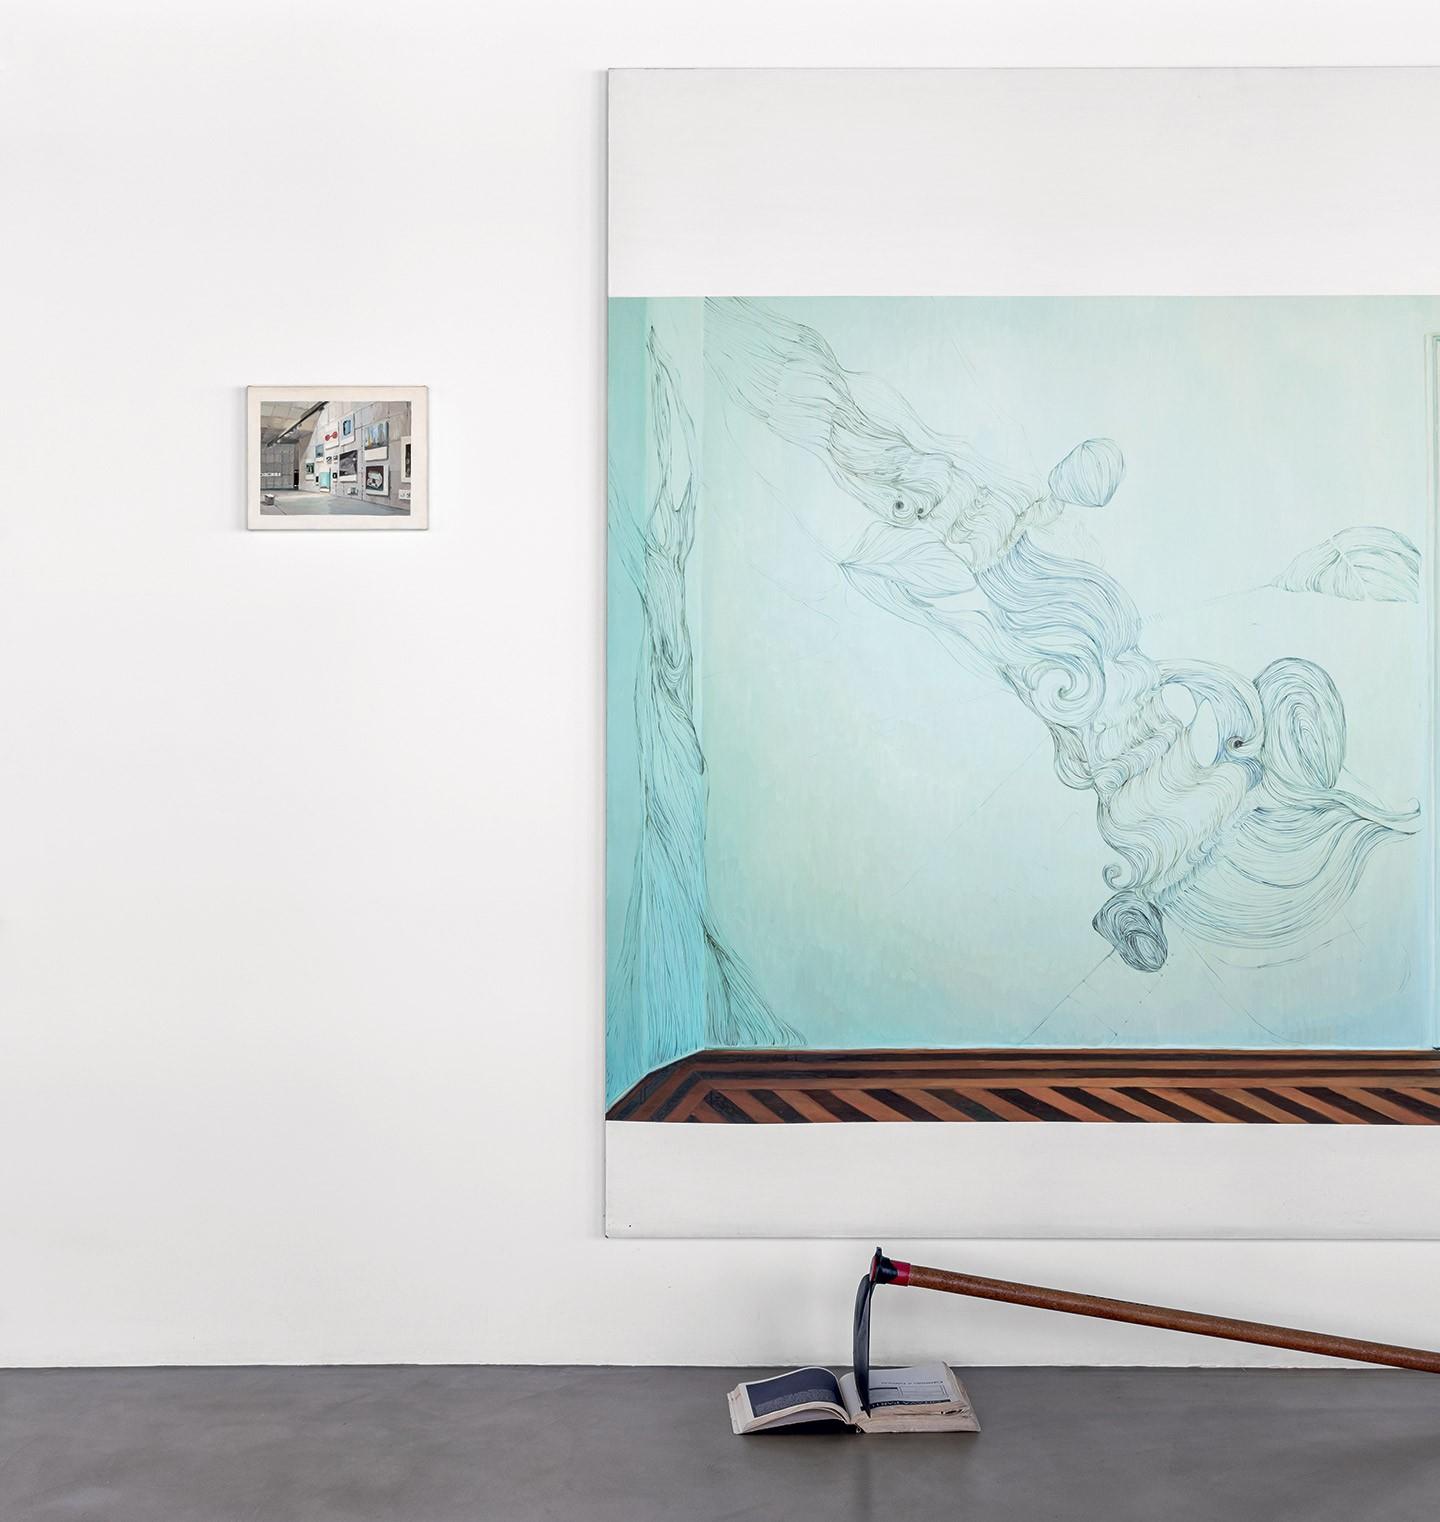 Obras de arte, peças de design e vista para o MASP compõem este apê de 370 m²  (Foto: Fran Parente)